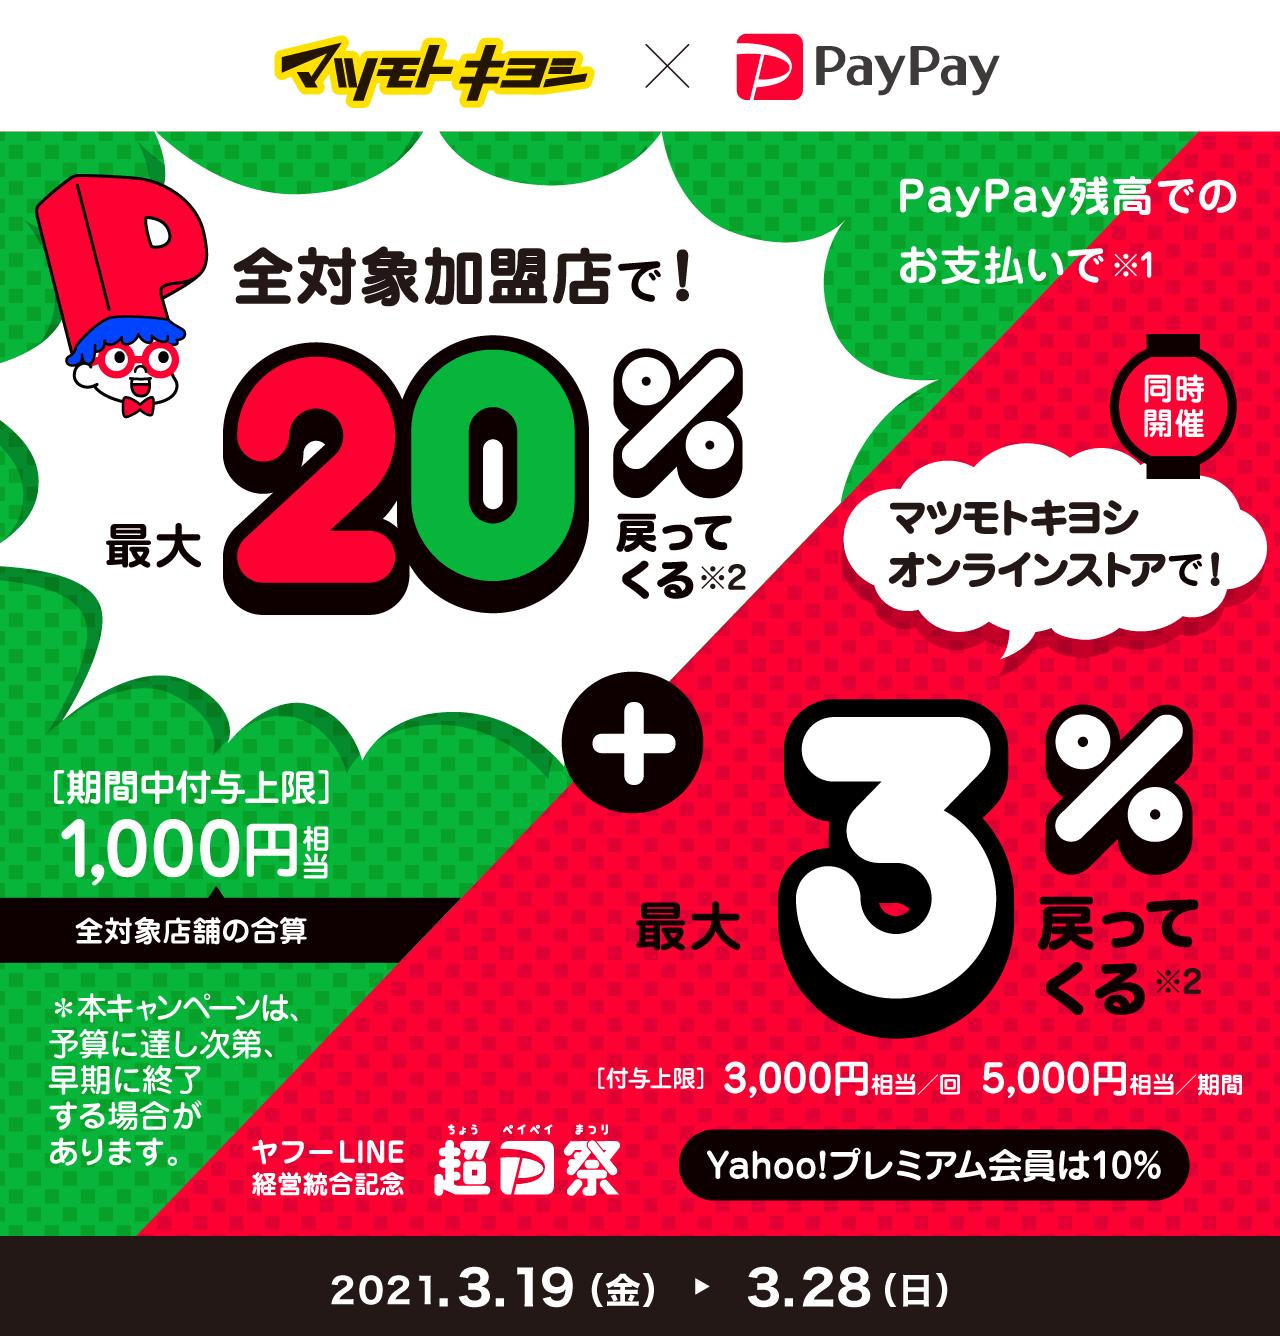 マツキヨpaypayキャンペーン